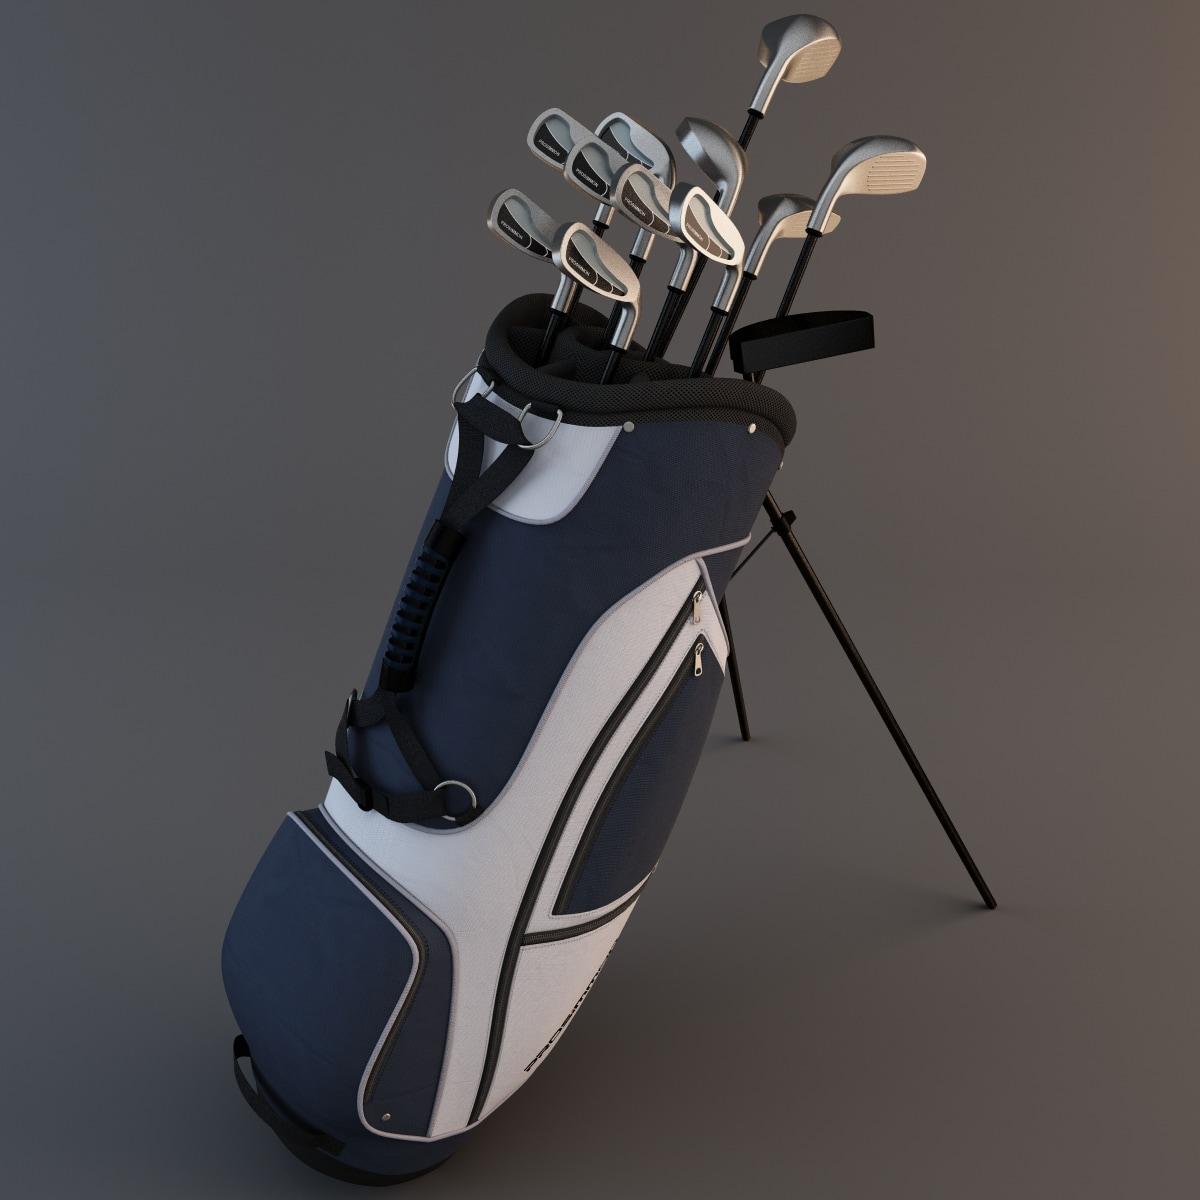 Golf_Bag_2_005.jpg